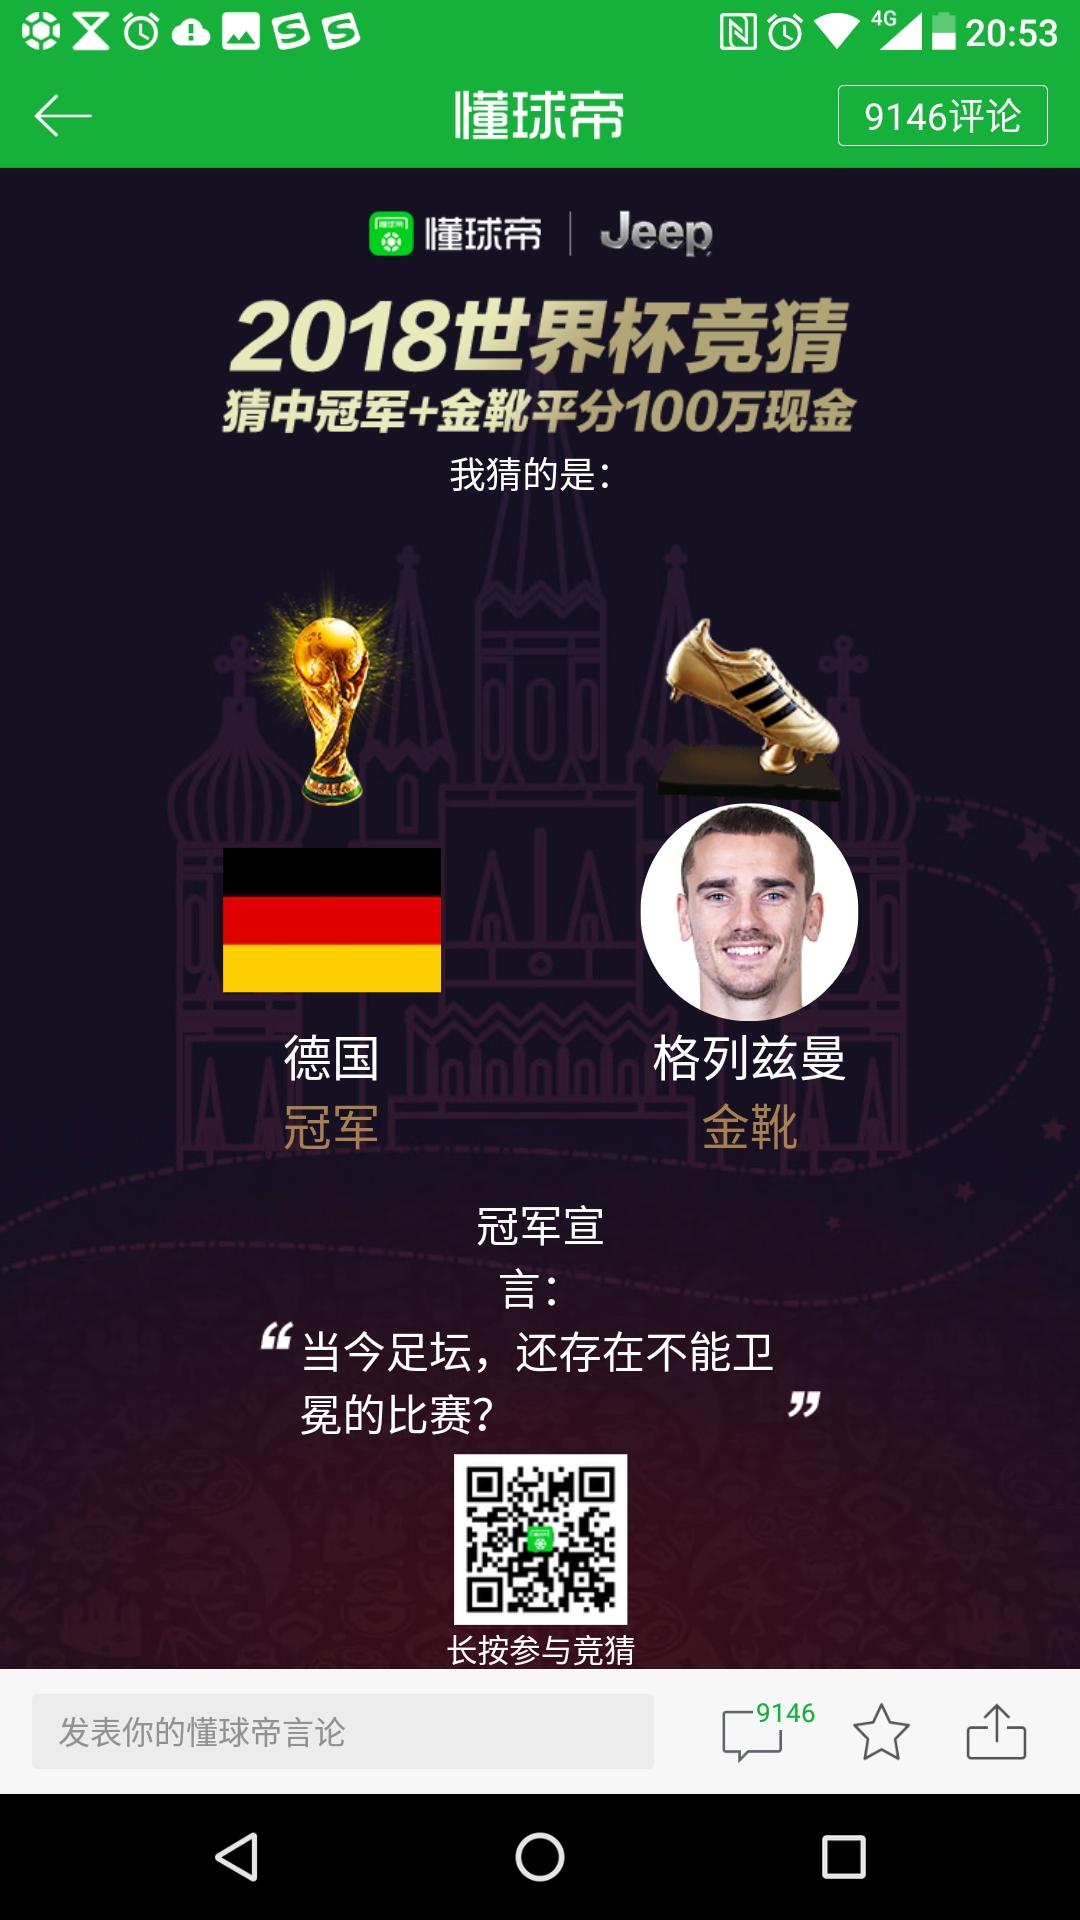 想不到这是一届独特的世界杯 北京观赏鱼 北京龙鱼第2张